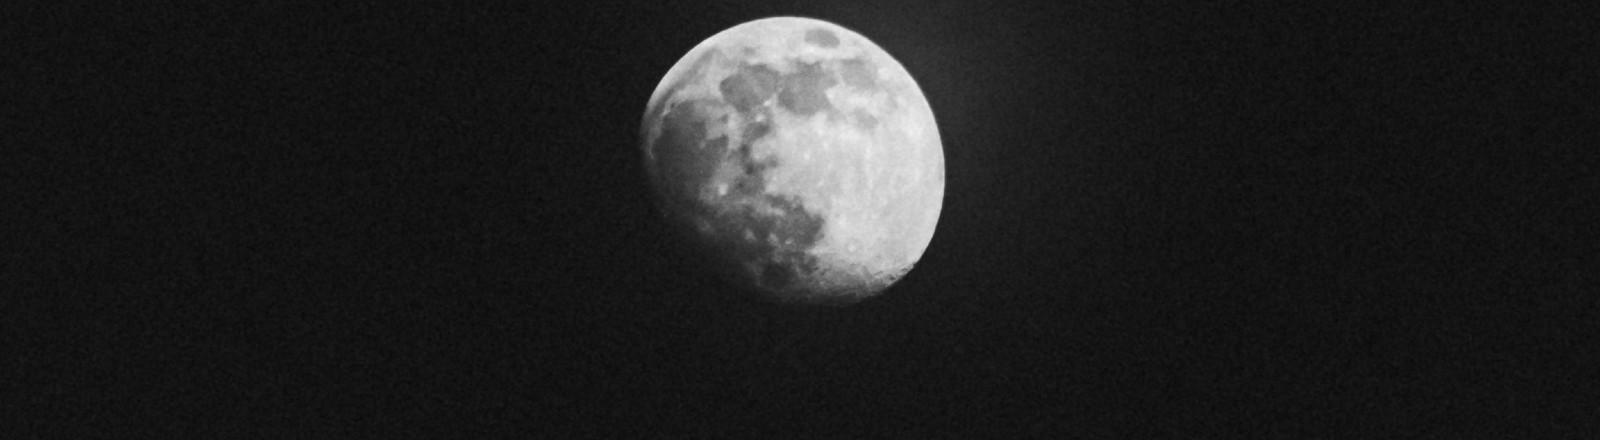 Eine schwarz-weiß Fotografie des Mondes